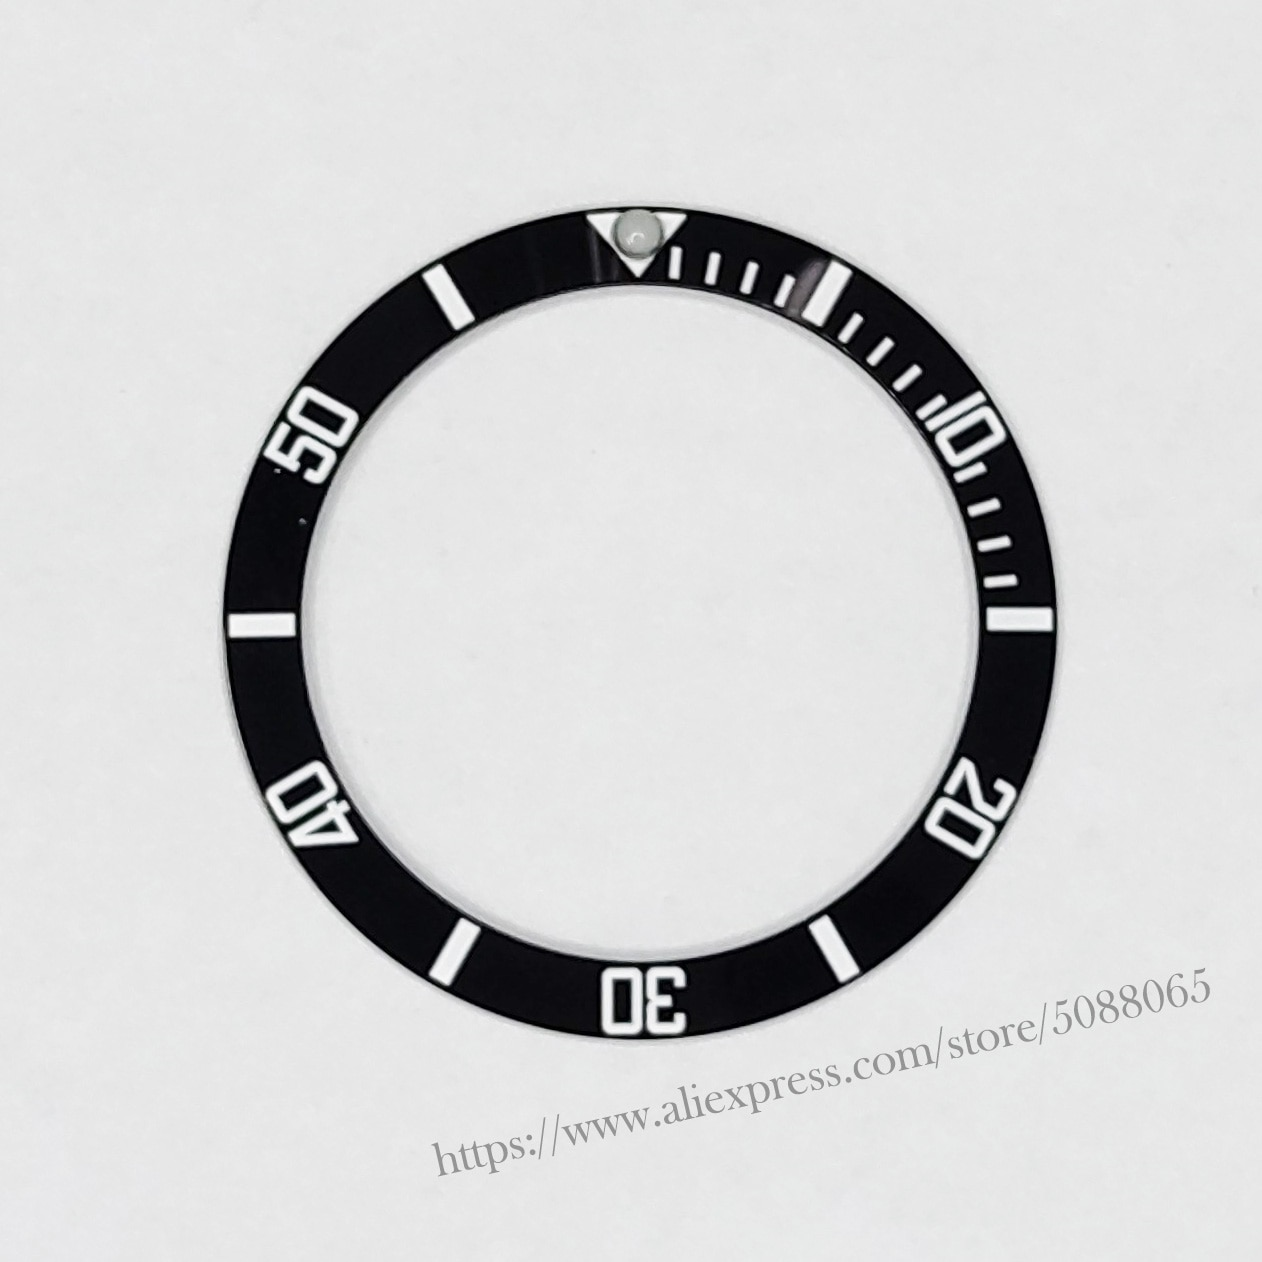 Relógio de Pulso Inserção para 40mm Relógios Substituir Acessórios Rosto Cerâmica Moldura Submariner Automático Masculino Preto – Azul Verde 38mm